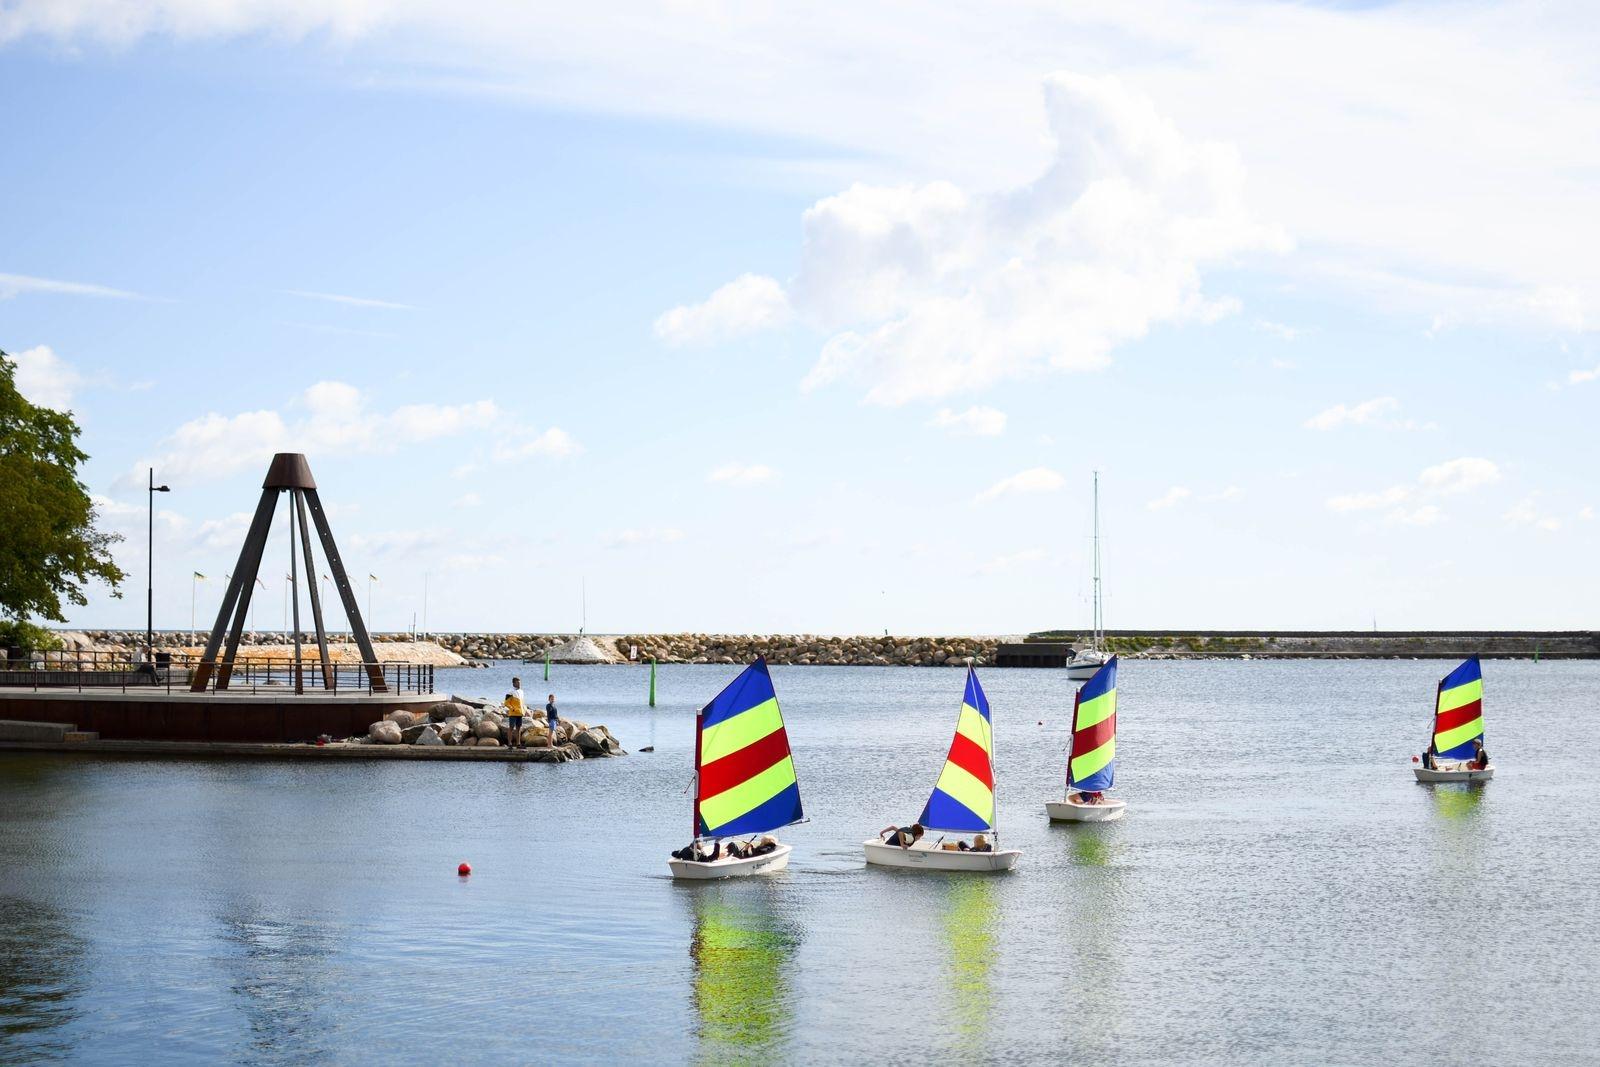 Både landarrangemangen och seglingarna, som brukar äga rum under den traditionsenliga seglarveckan i Simrishamn, är på grund av pågående pandemi inställda. Istället ser Simrishamns segelsällskap fram emot nästa års SM i havskappsegling, som de kommer att stå värd för vecka 30 2021.